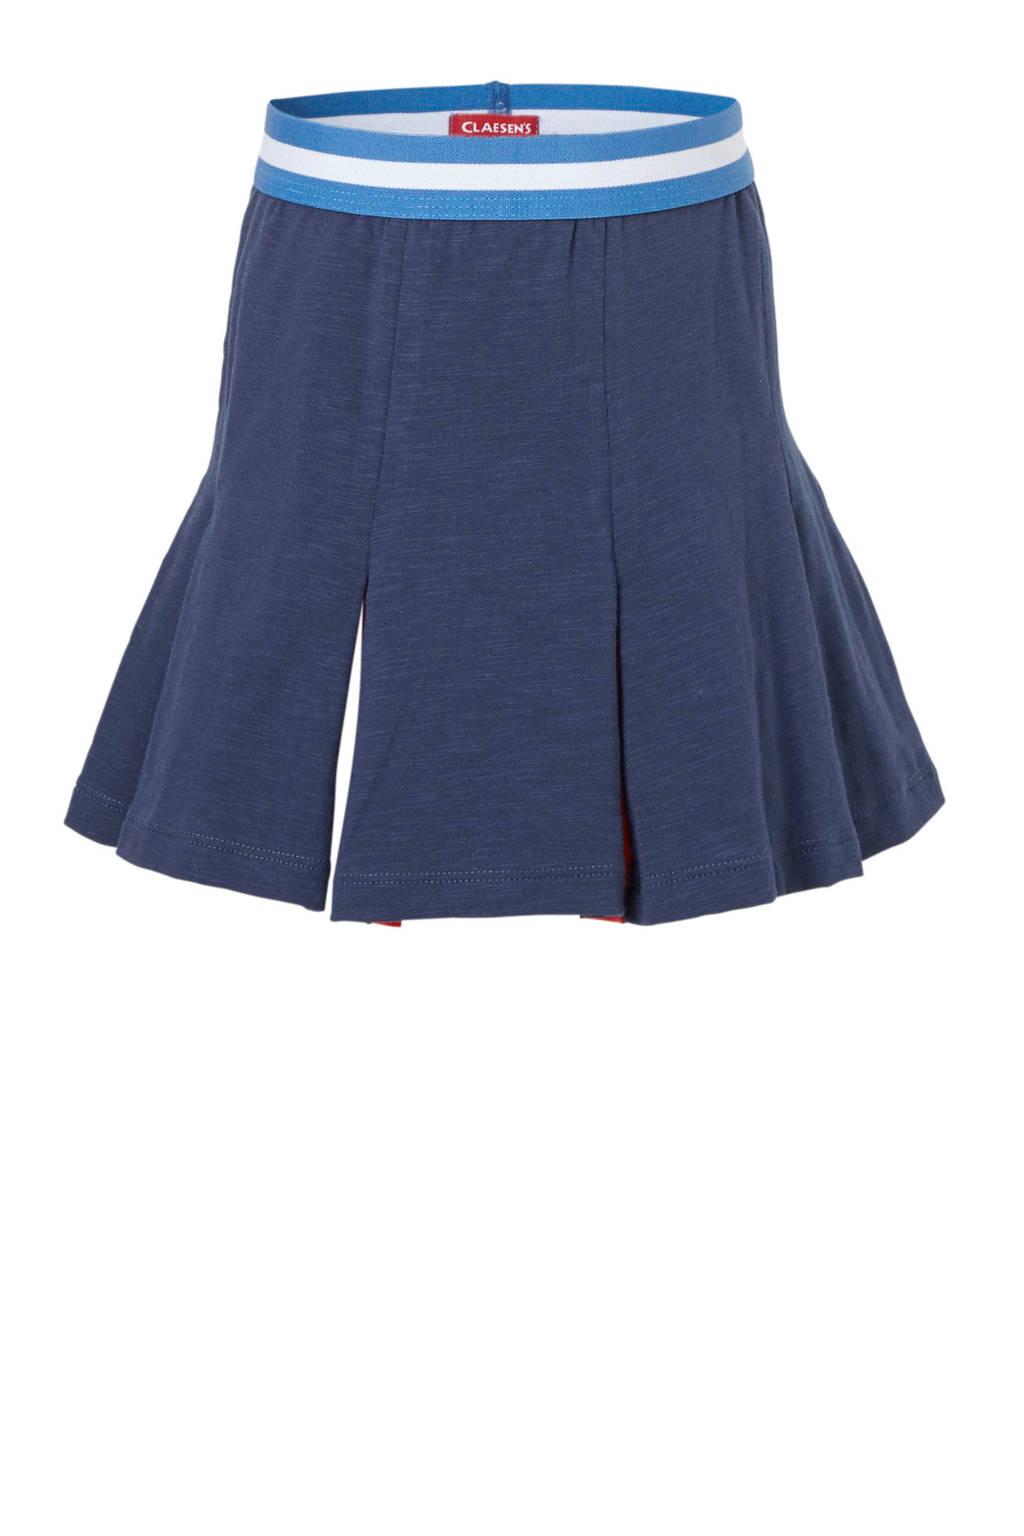 Claesen's plooirok donkerblauw, Donkerblauw/wit/blauw